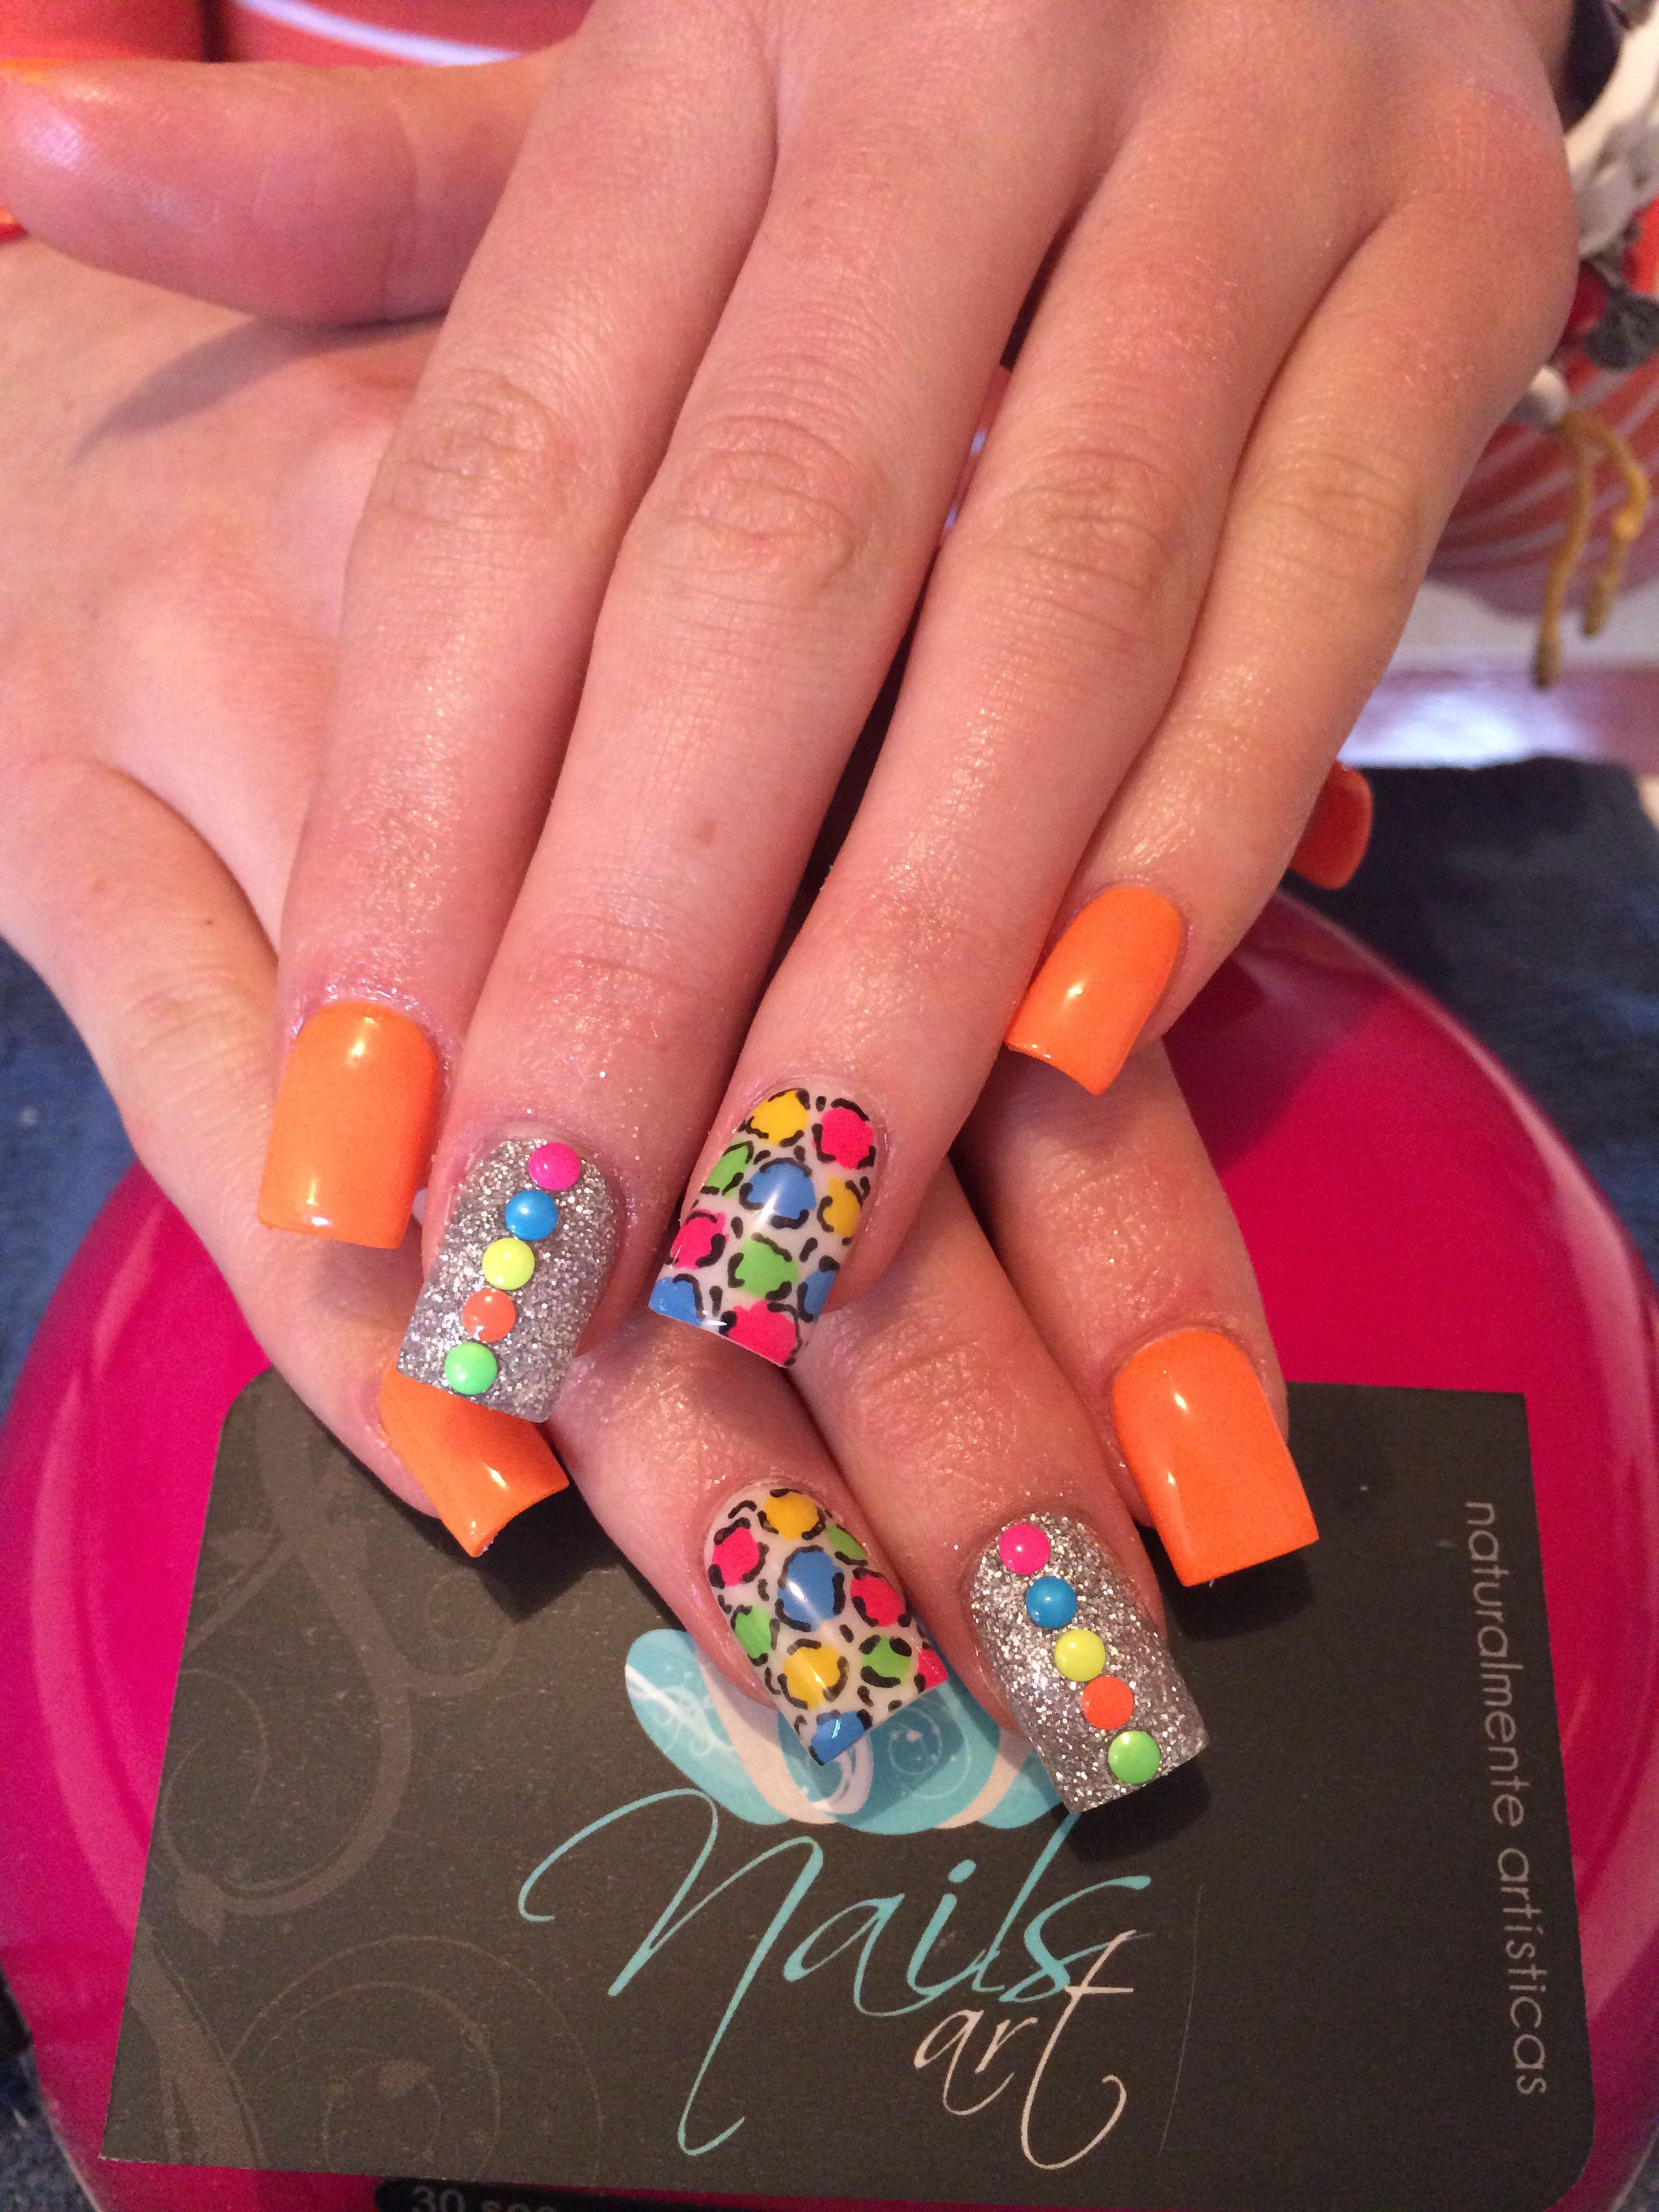 Nails art, acrylic nails, nails   Art nails   Pinterest   Uña ...